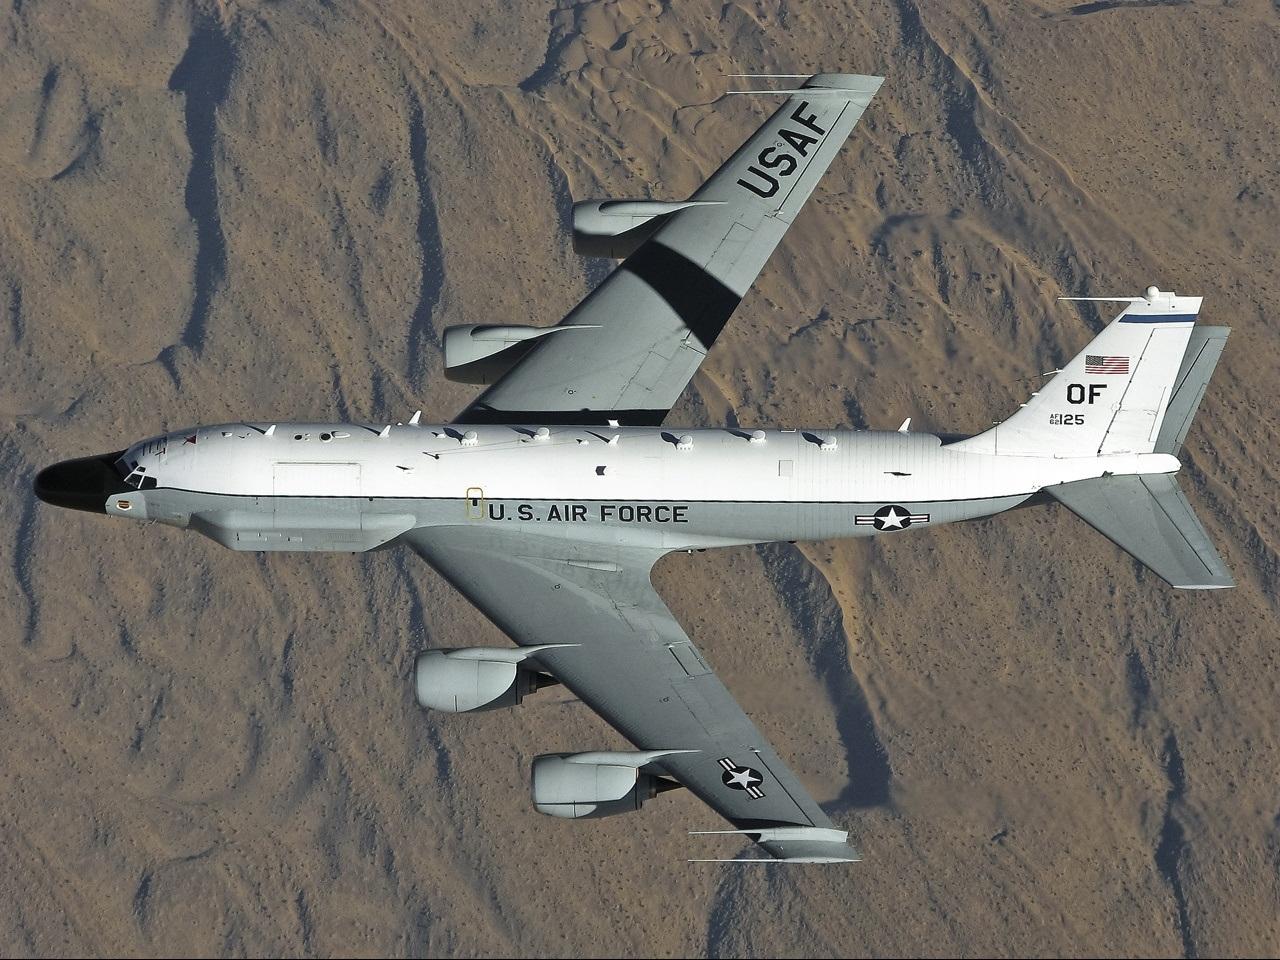 روسیه از آمریکا خواست پرواز هواپیمای جاسوسی در نزدیکی مرزهای روسیه متوقف کند